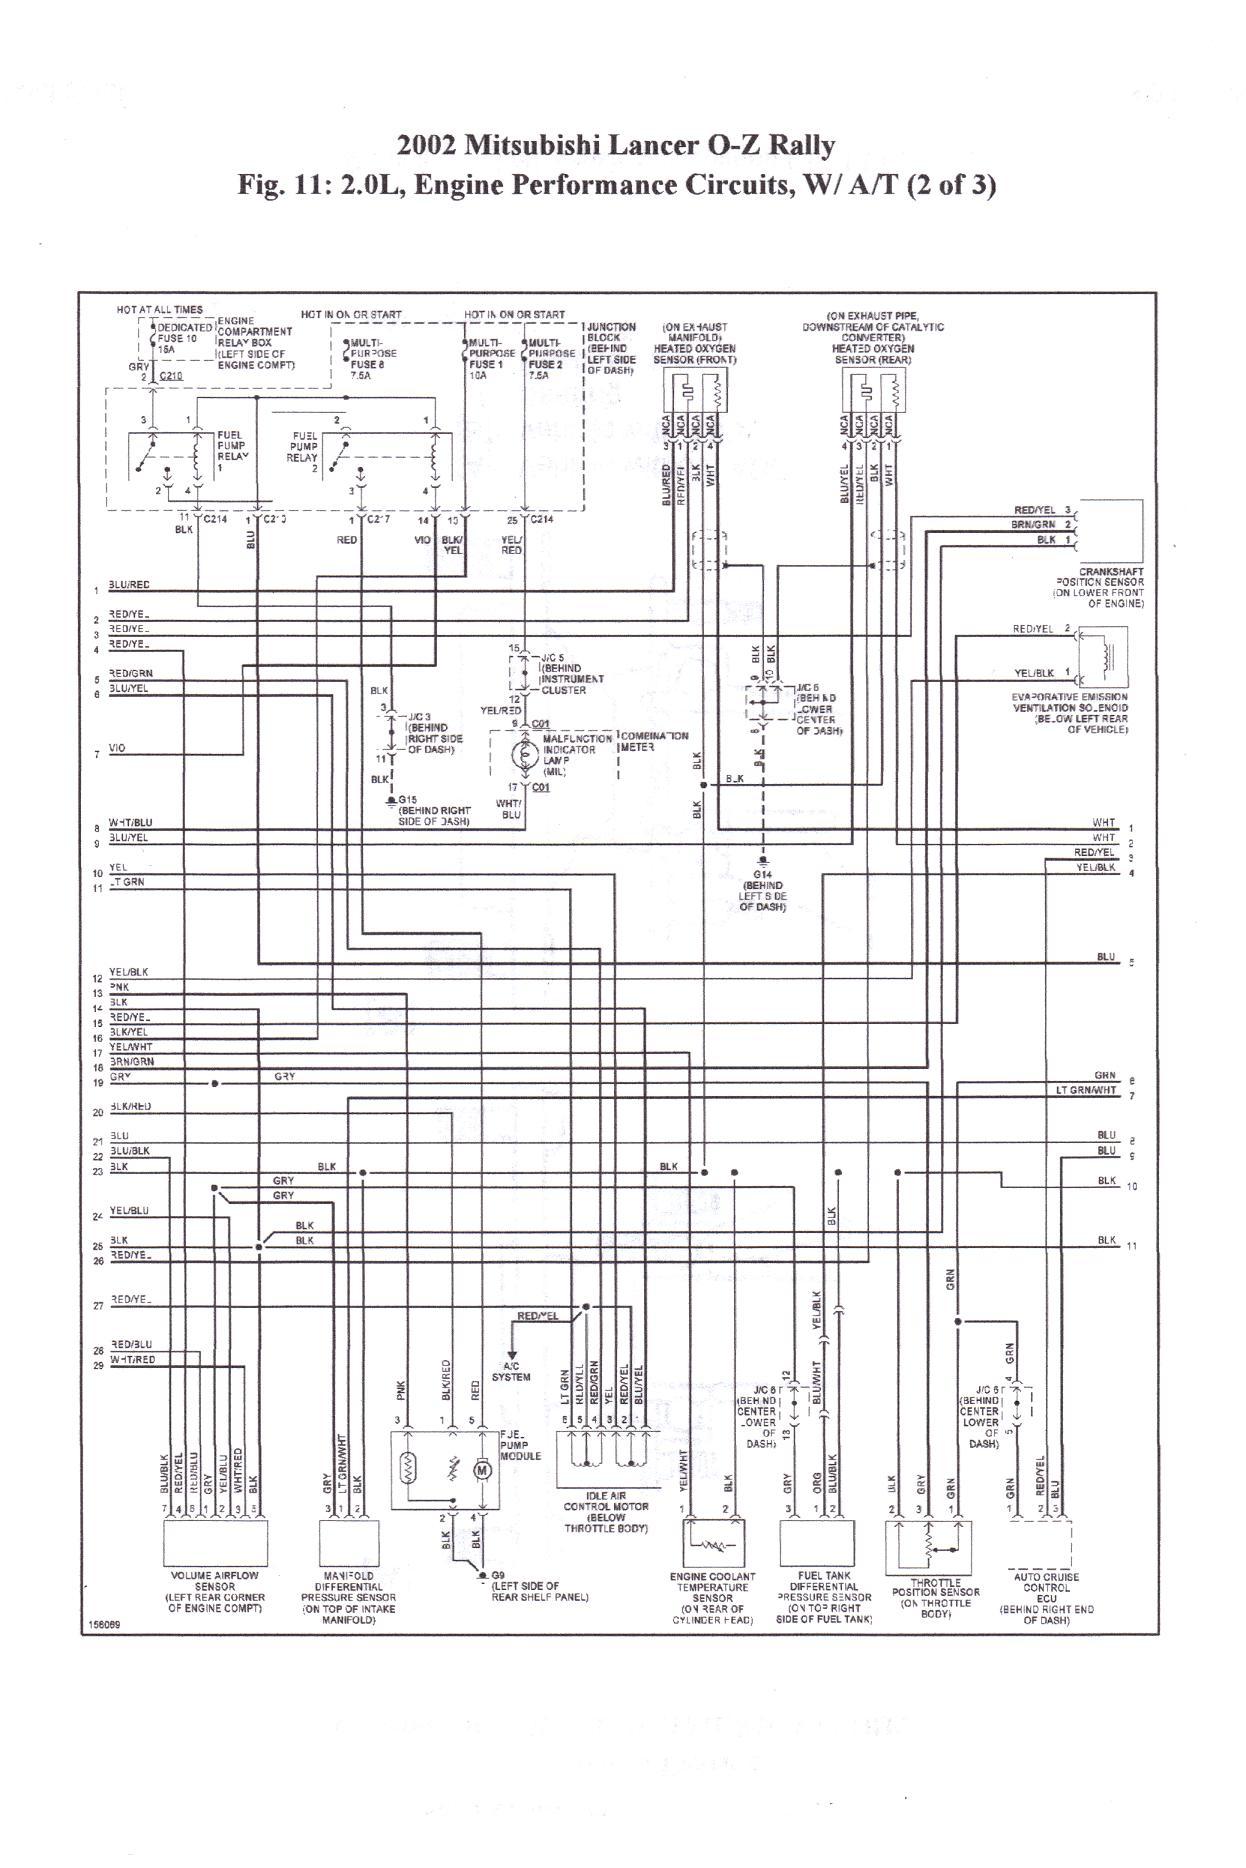 2003 mitsubishi lancer wiring diagram - house trailer wiring diagrams -  ezgobattery.kdx-200.jeanjaures37.fr  wiring diagram resource